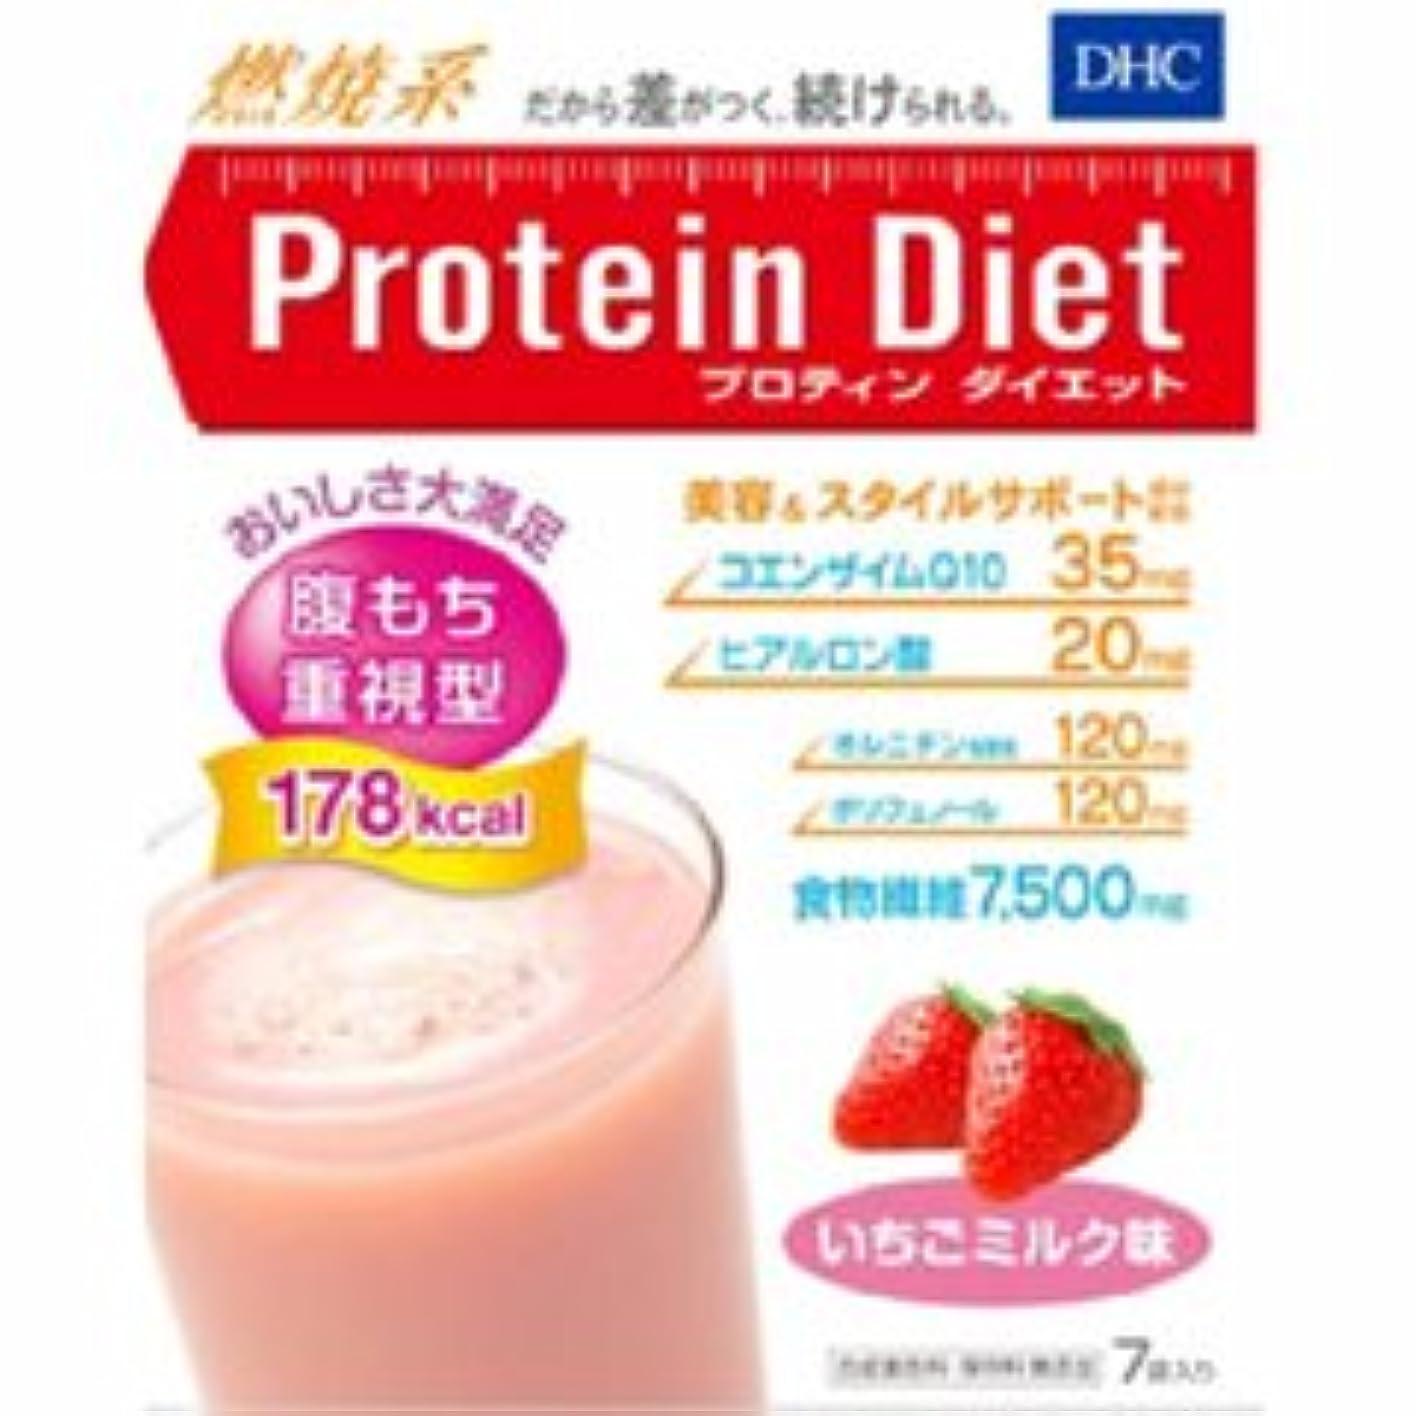 め言葉鮮やかな報復DHCの健康食品 プロティンダイエット いちごミルク味 50g×7袋 【DHC】